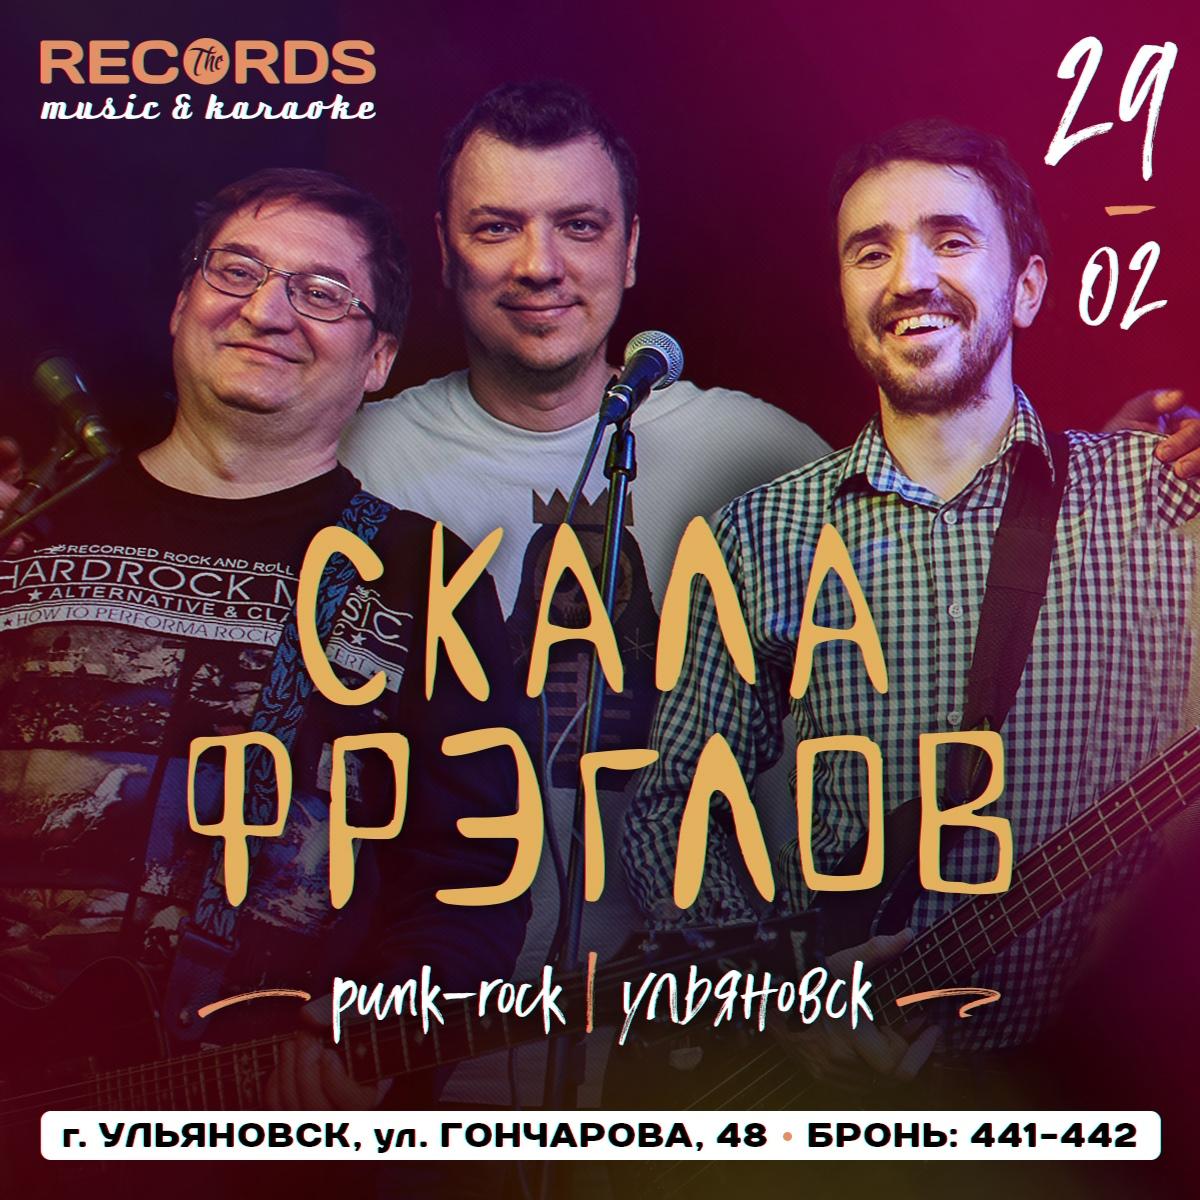 Концерт группы «Скала Фрэглов» в баре Records @ бар  Records (ул. Гончарова 48)